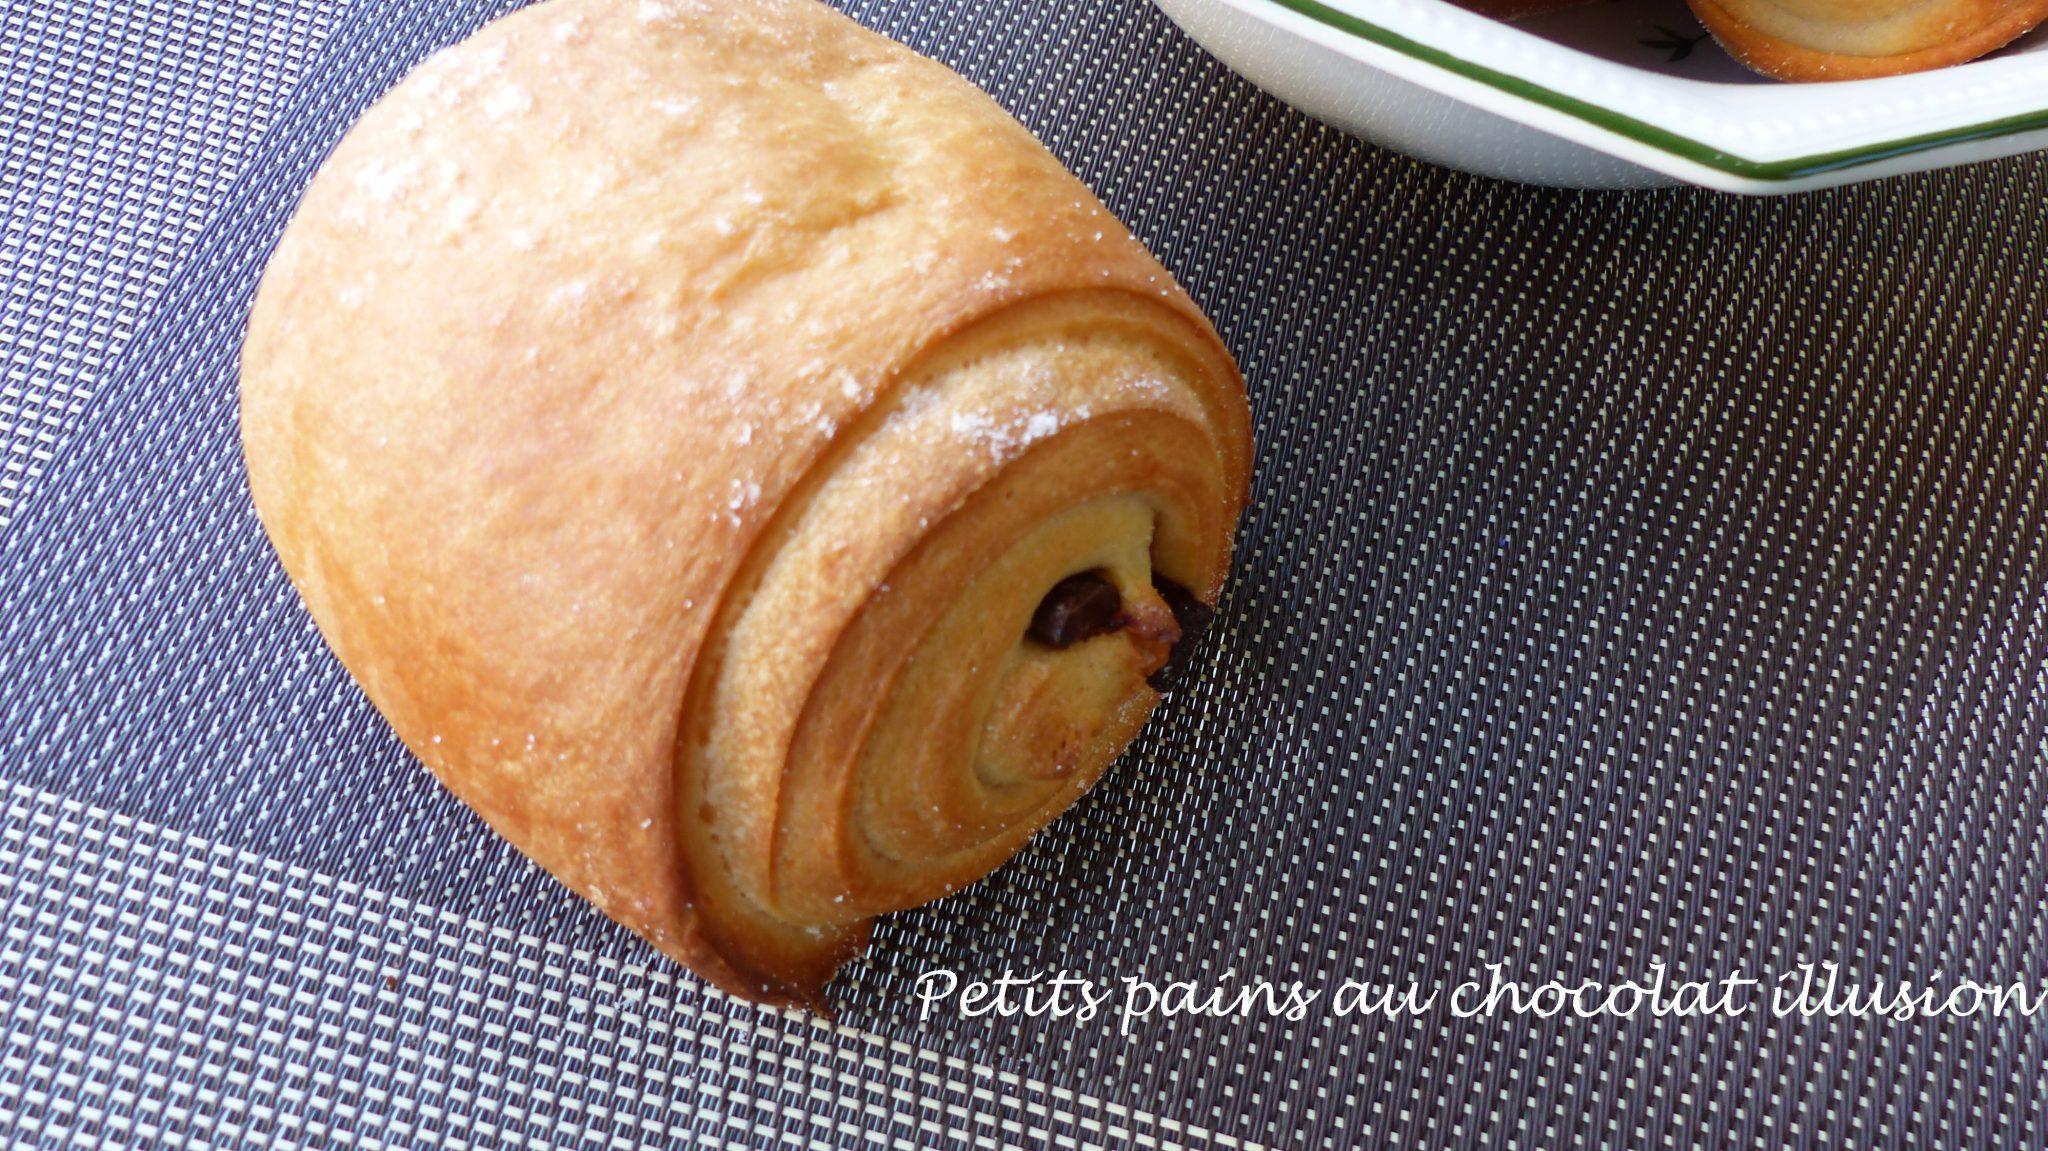 Petits pains au chocolat illusion P1120395 R